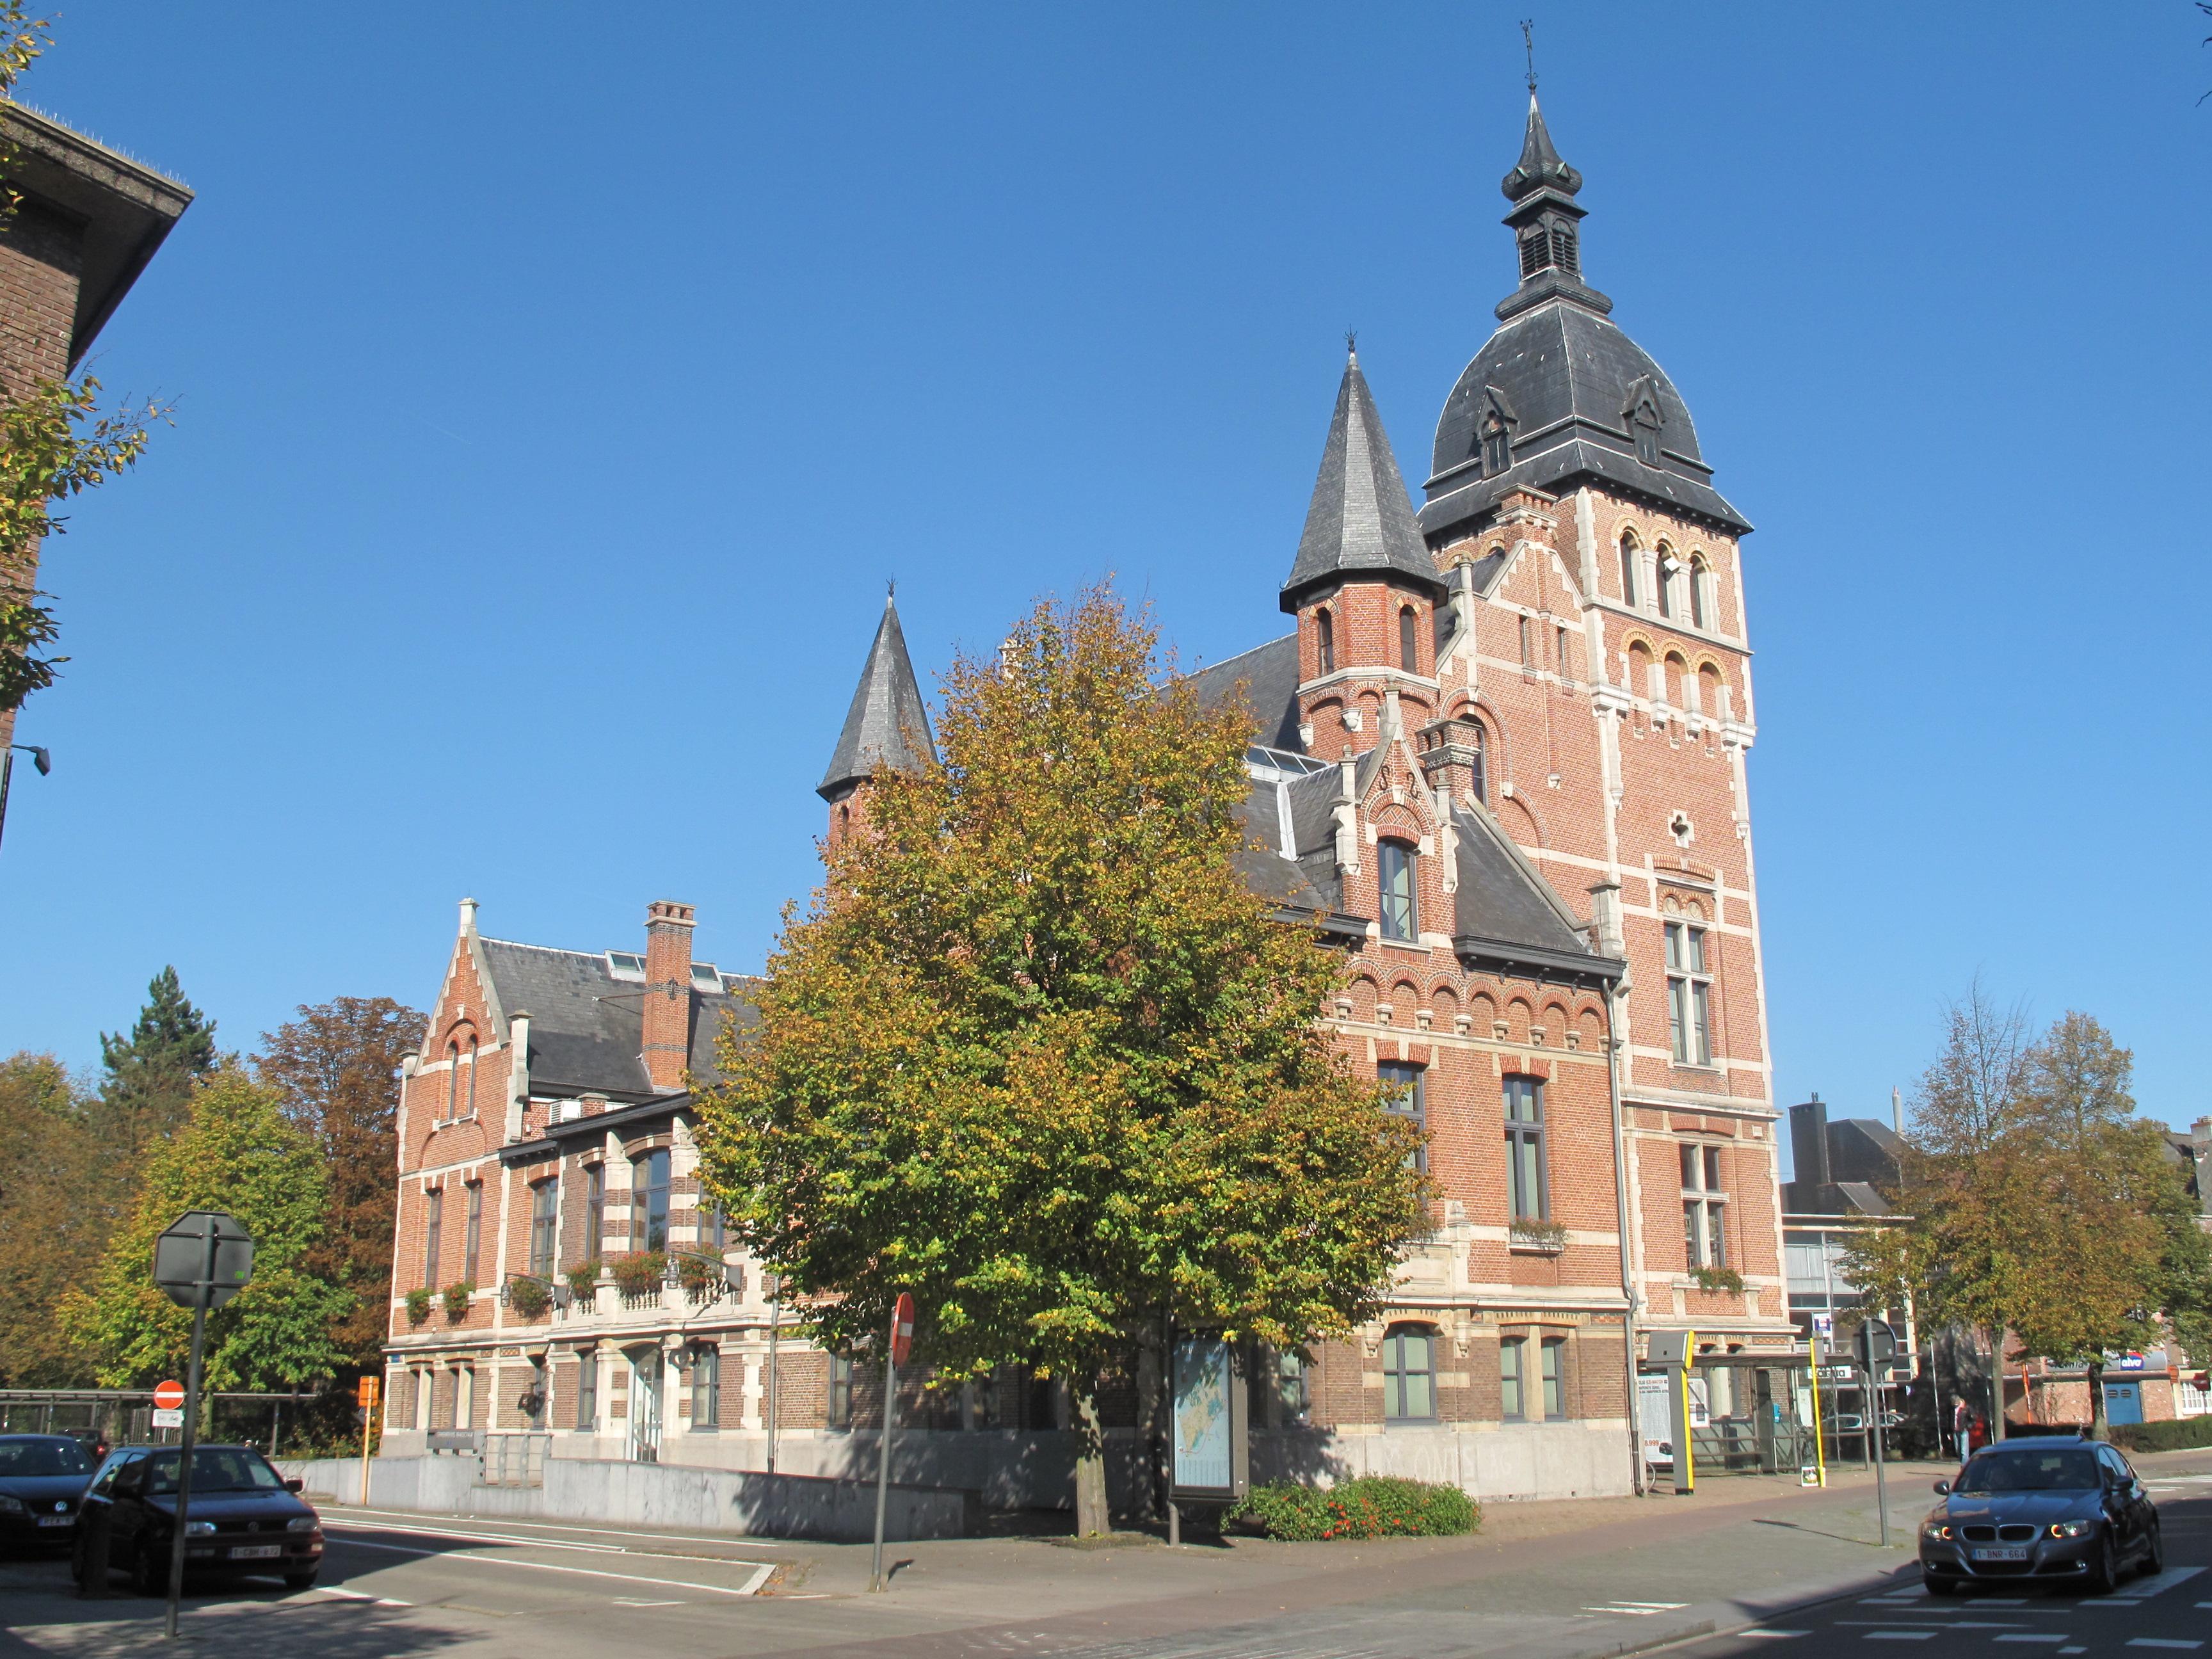 https://upload.wikimedia.org/wikipedia/commons/0/0f/Brasschaat%2C_monumentaal_pand_bij_het_Dr_Roossensplein_positie2_foto1_2011-10-16_13.21.JPG